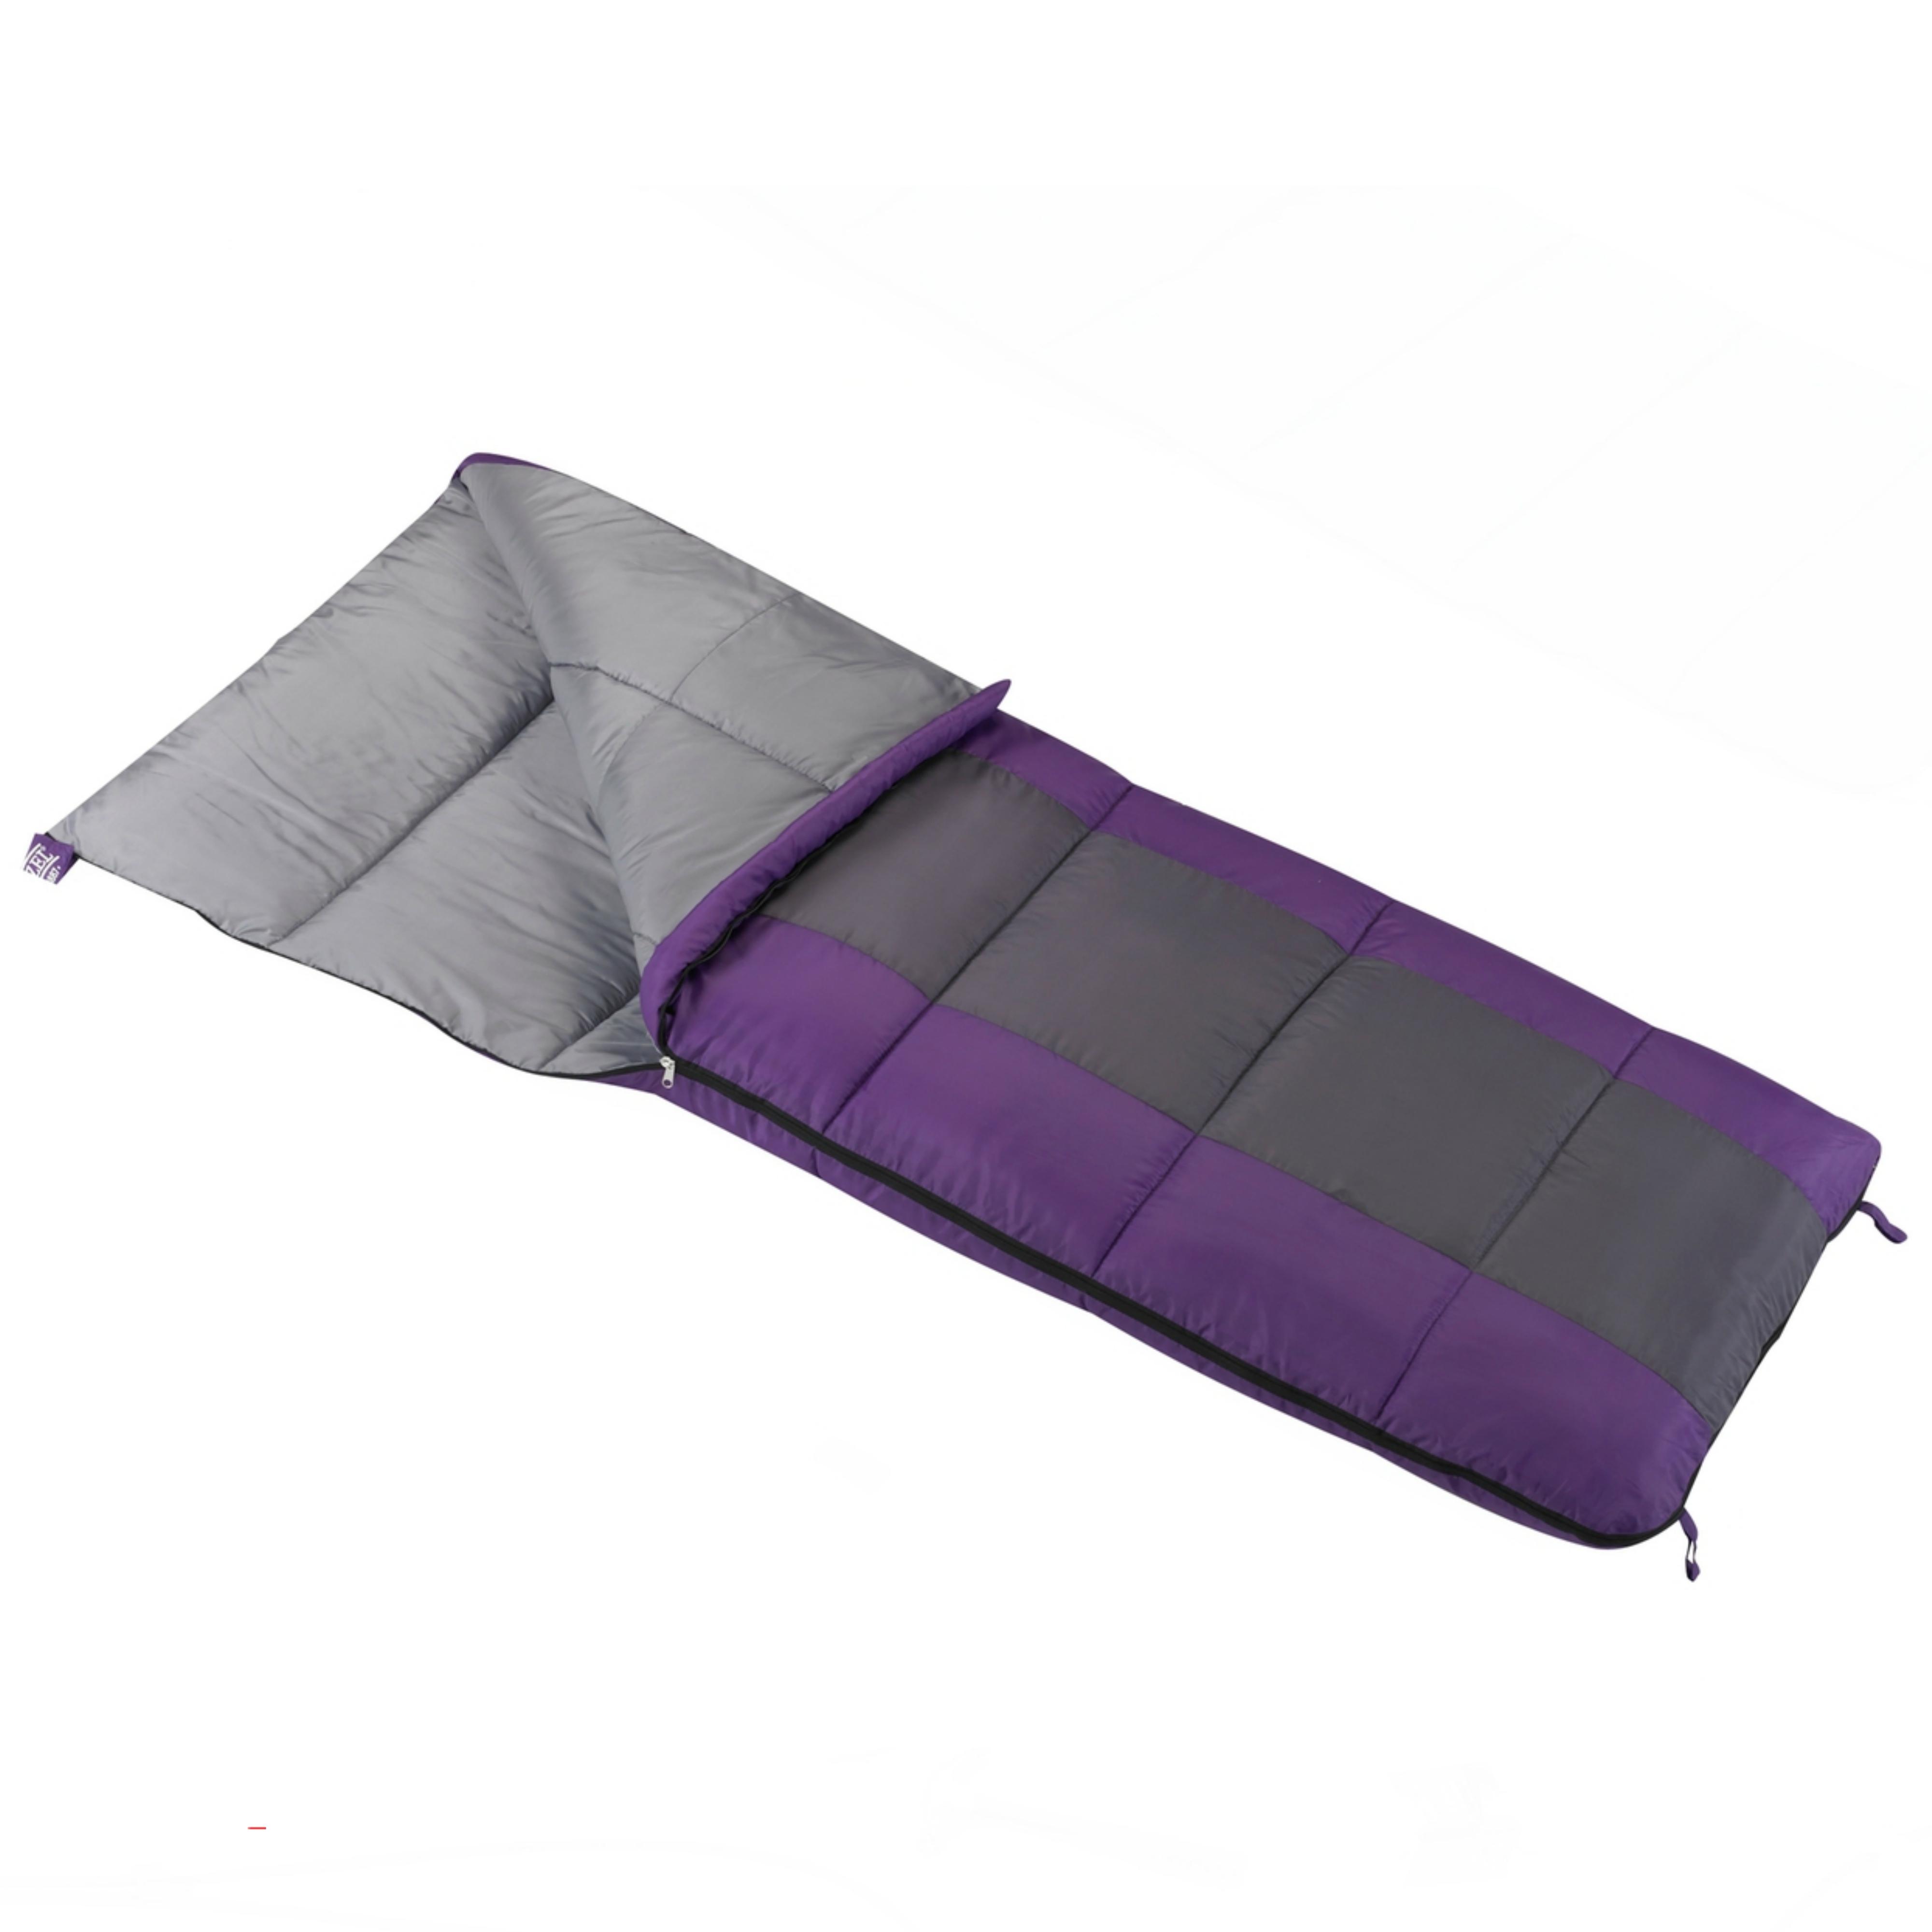 Wenzel-49666 Lakeside 40° Women's Sleeping Bag